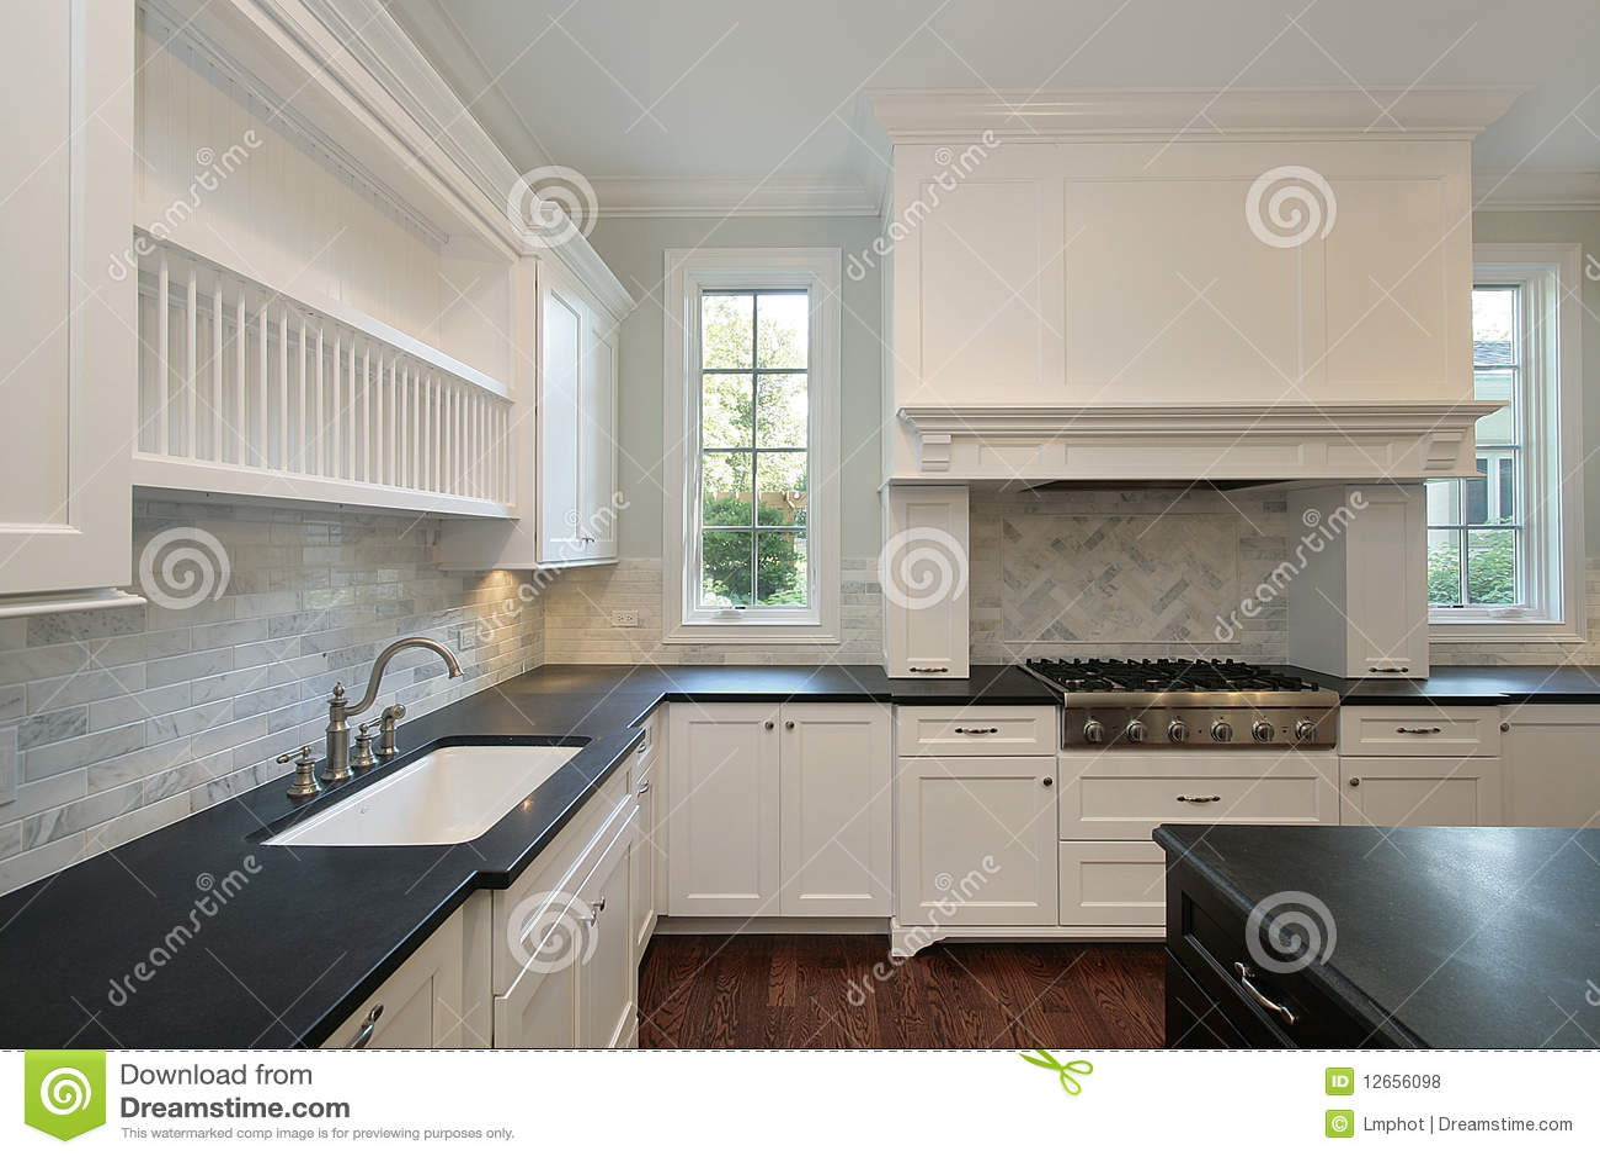 #5D4336 Cozinha Com Bancadas Pretas Fotos de Stock Royalty Free Imagem  1300x957 px Melhoria Home Da Cozinha_10 Imagens